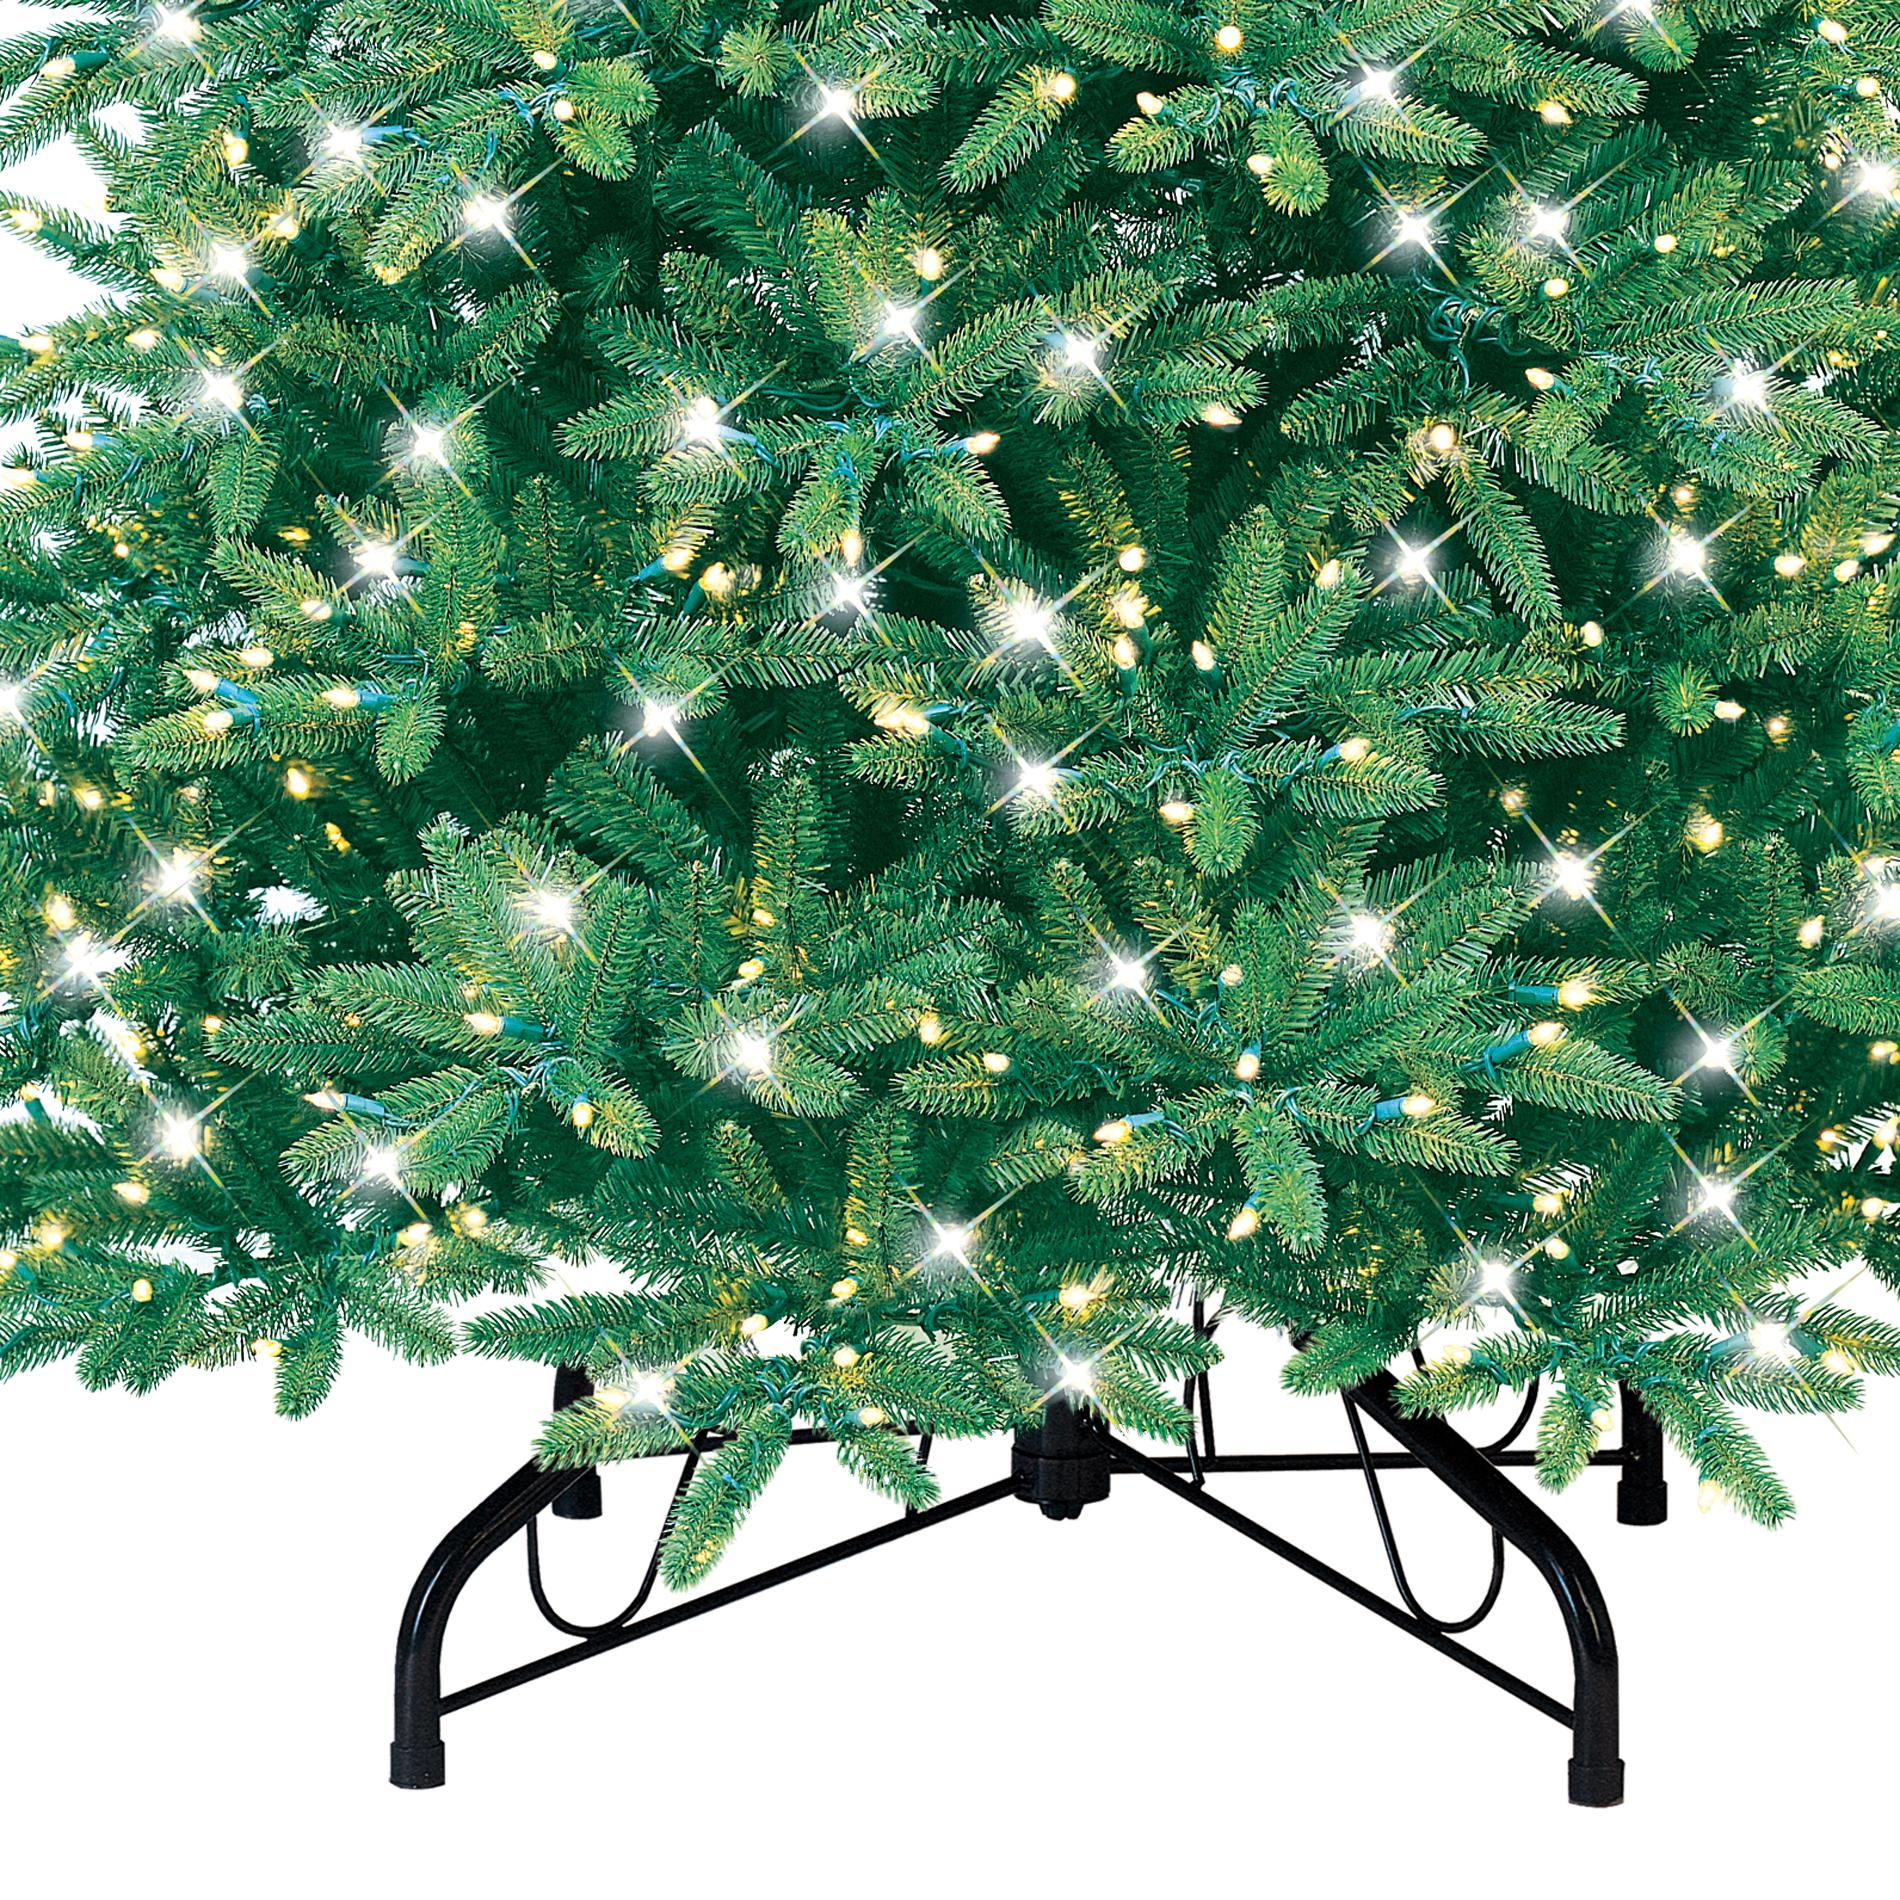 9' Pre-lit Natural Frasier Christmas Tree - 900 Light